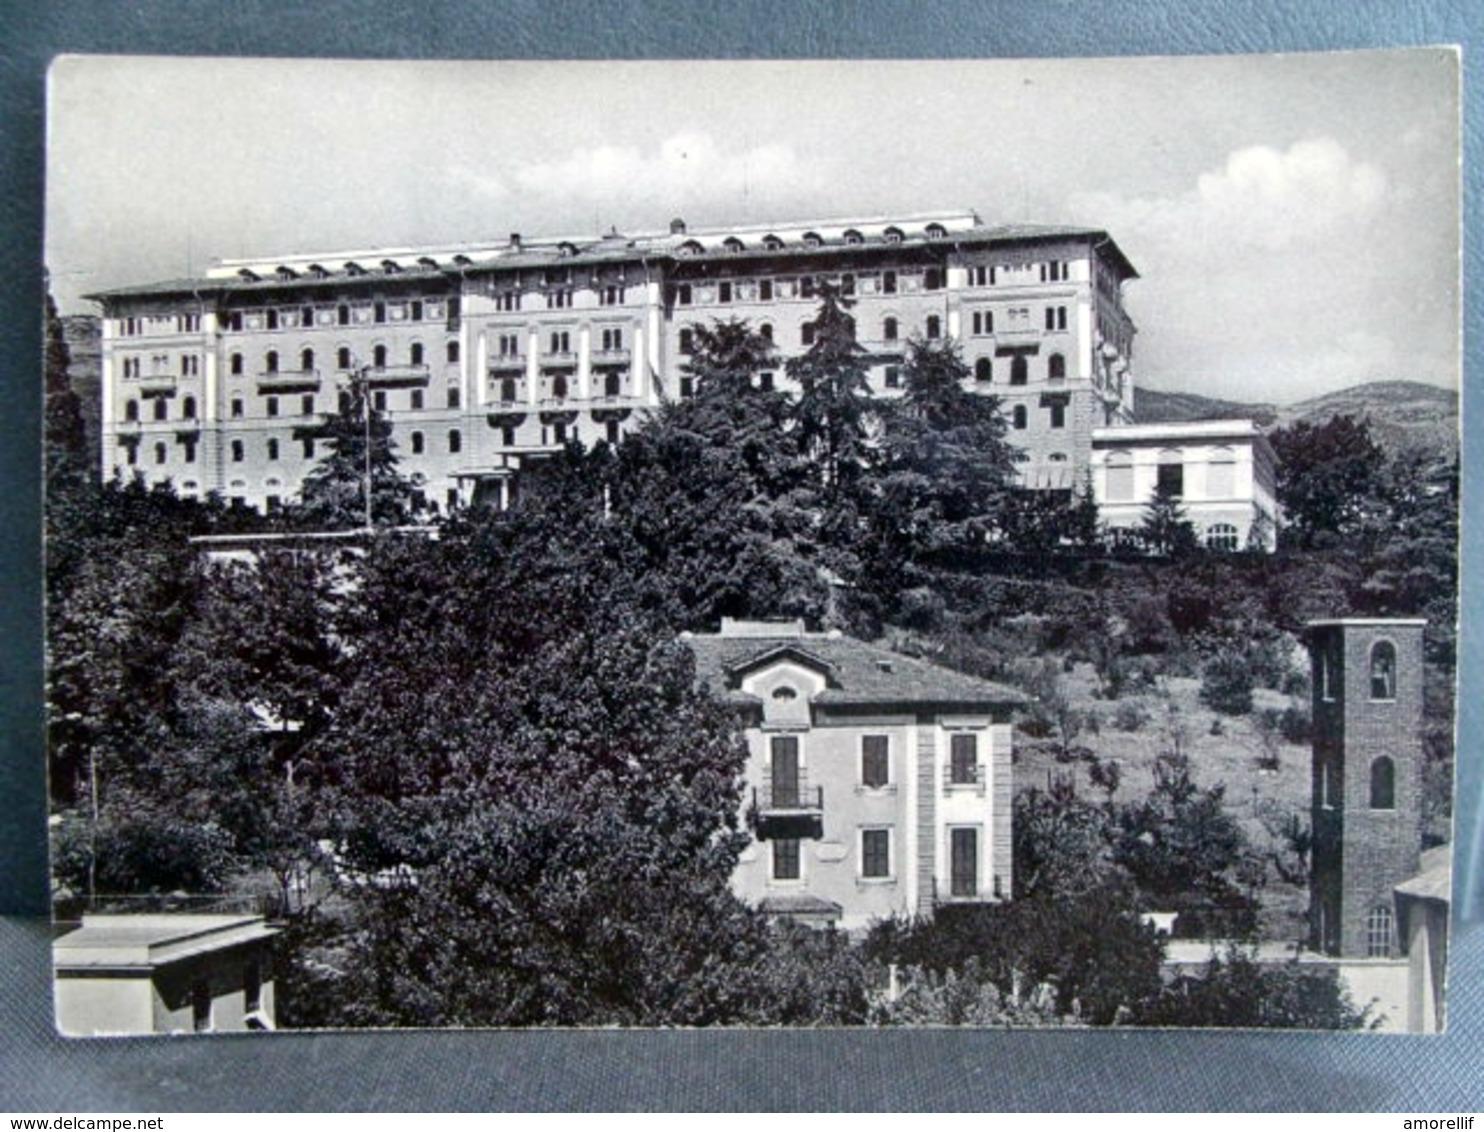 (FG.I26) FIUGGI FONTE - PALAZZO DELLA FONTE (FROSINONE) Viaggiata 1955 - Frosinone